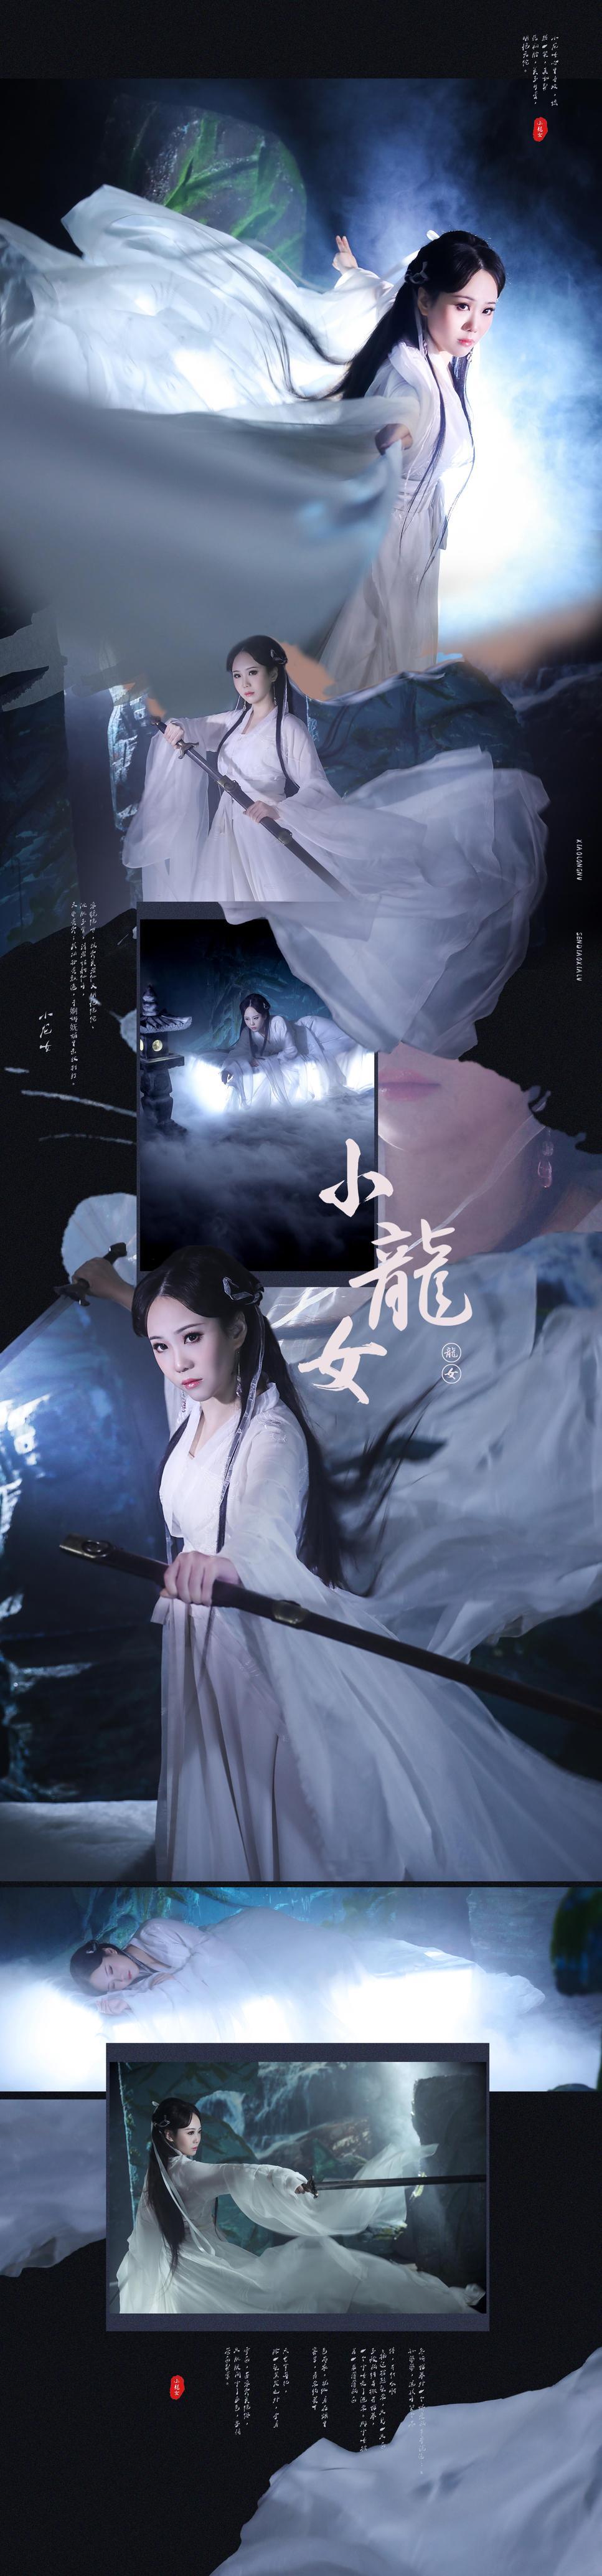 《神雕侠侣》古装cosplay【CN:晗雅】-第1张